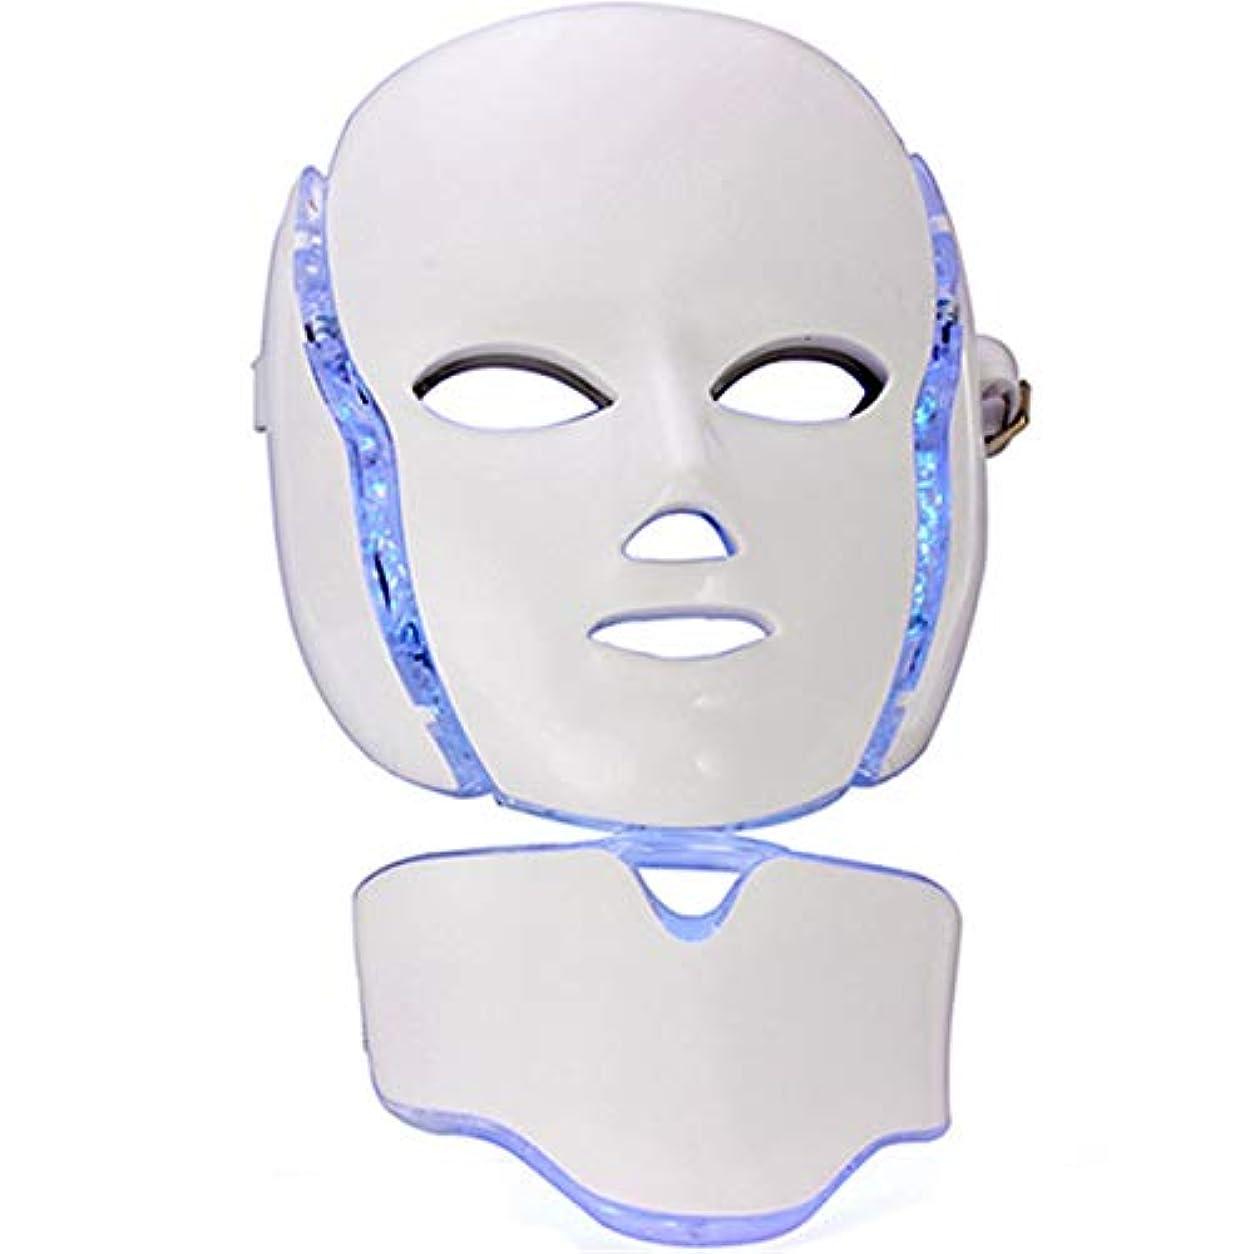 恩赦収容する失礼な光エステ LED美顔器 7色 美顔マスク 首ユニット付き たるみ ほうれい線 美肌 ニキビ対策 コラーゲン生成 美白 エイジングケア